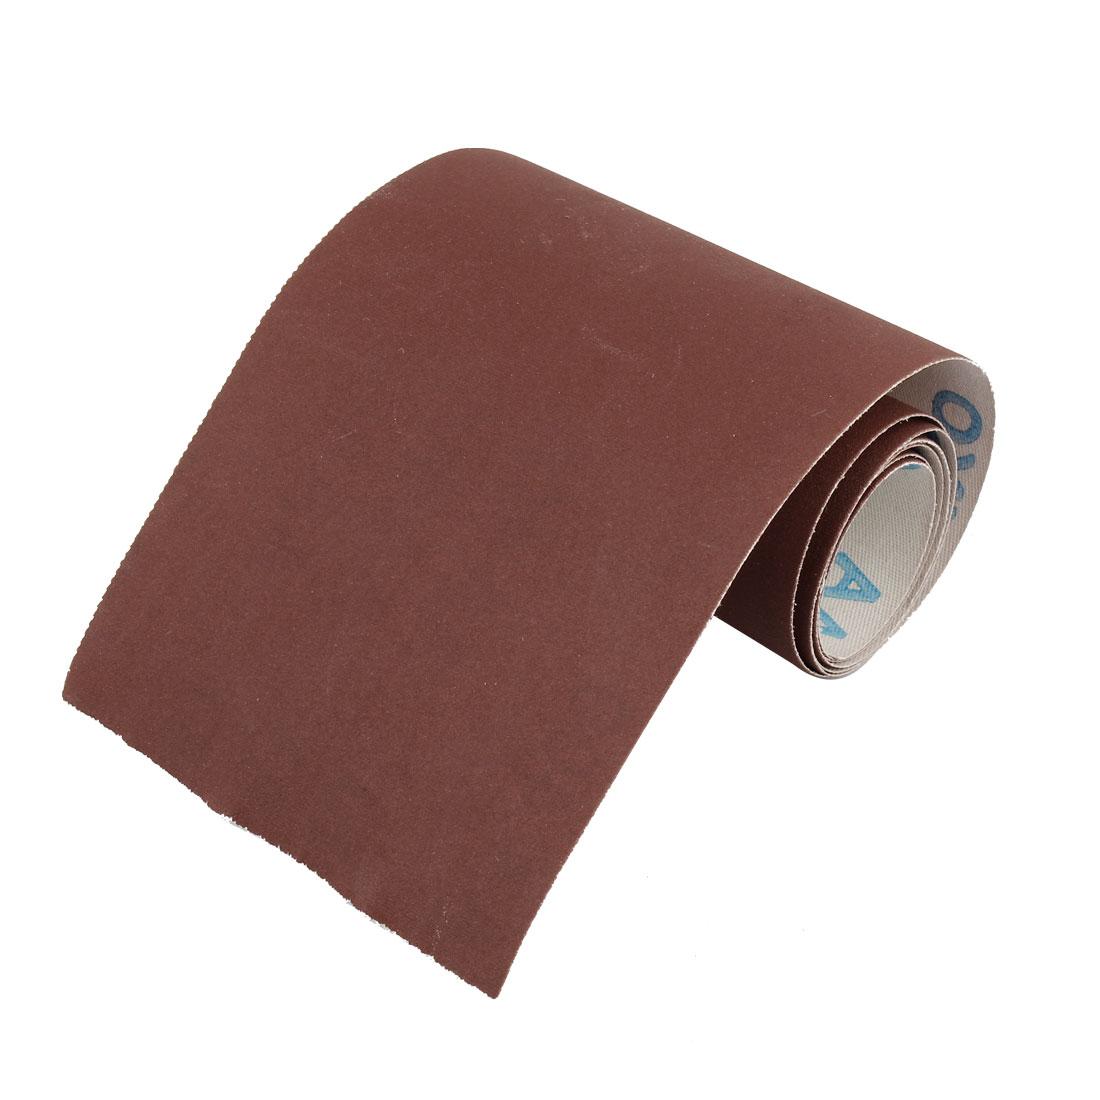 100cm x 10cm 400 Grit Abrasive Sheet Sanding Belt Sandpaper Sand Sheet